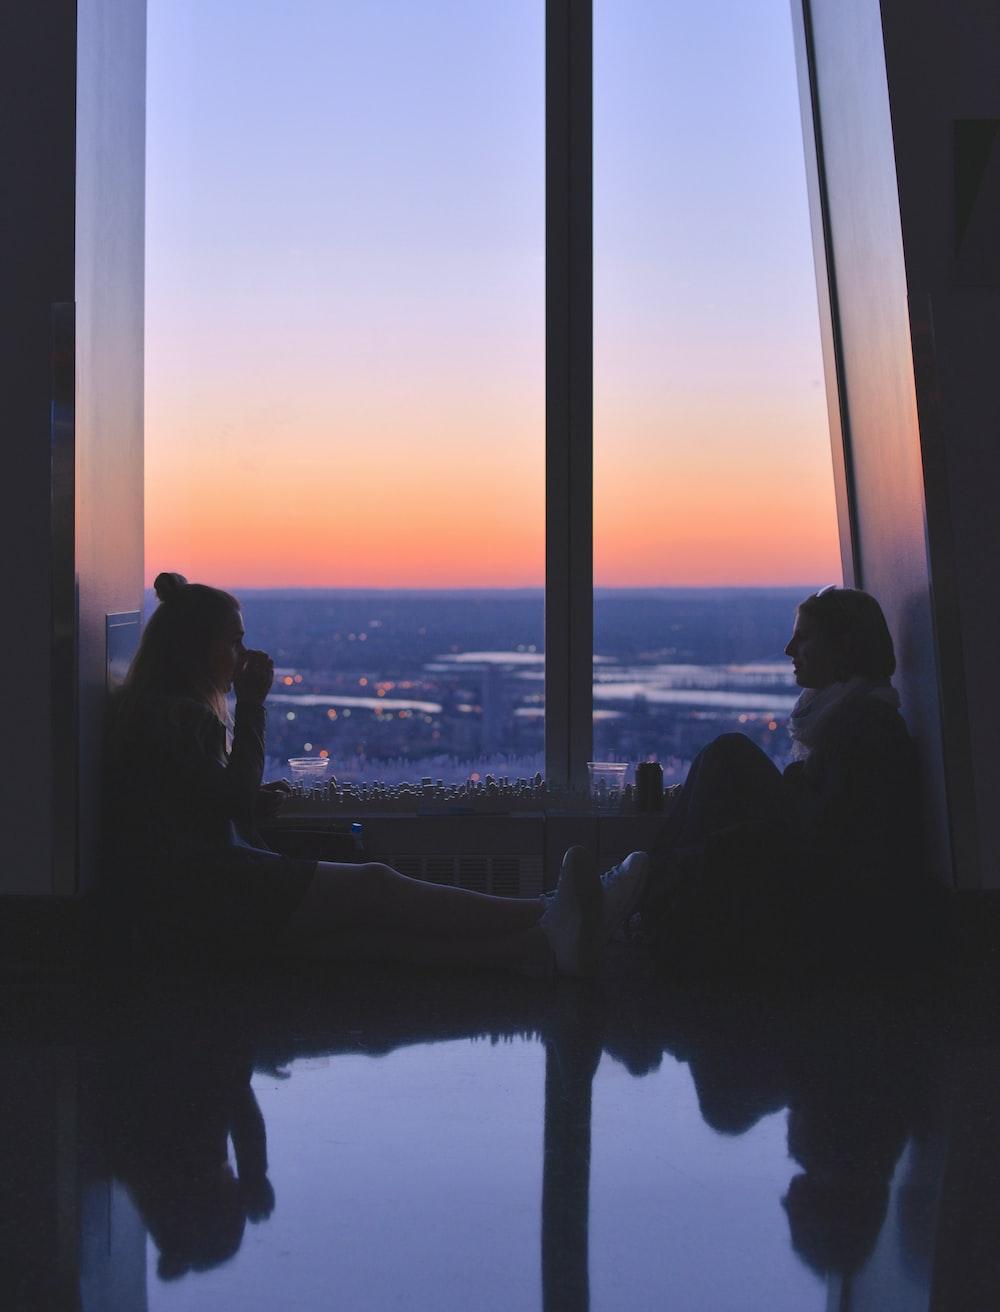 two women sitting near window